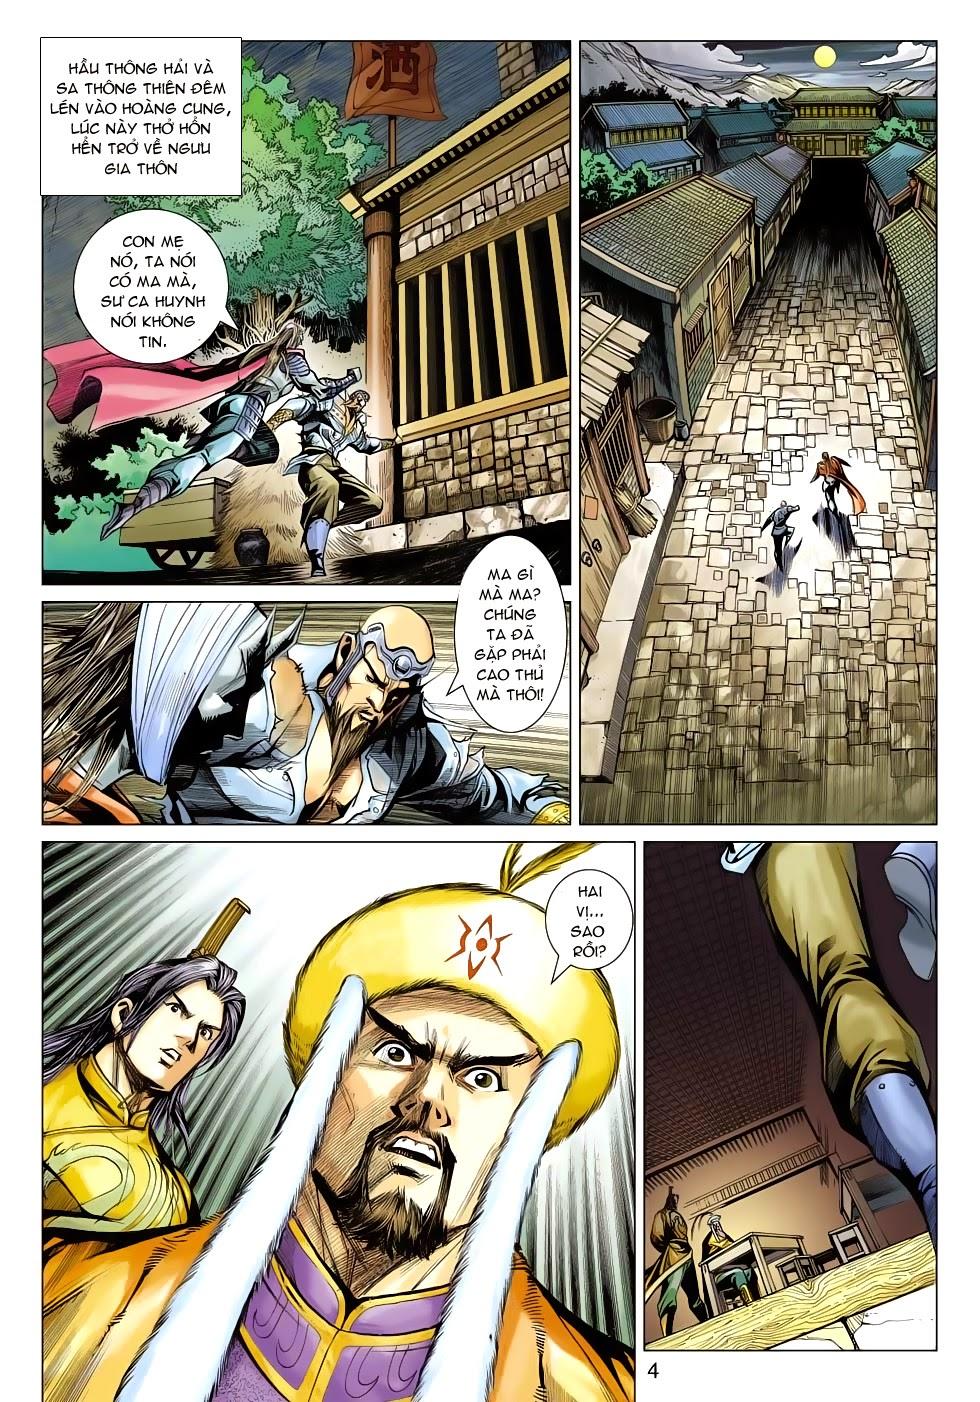 xem truyen moi - Anh Hùng Xạ Điêu - Chapter 59: Khốn cảnh tuyệt lộ